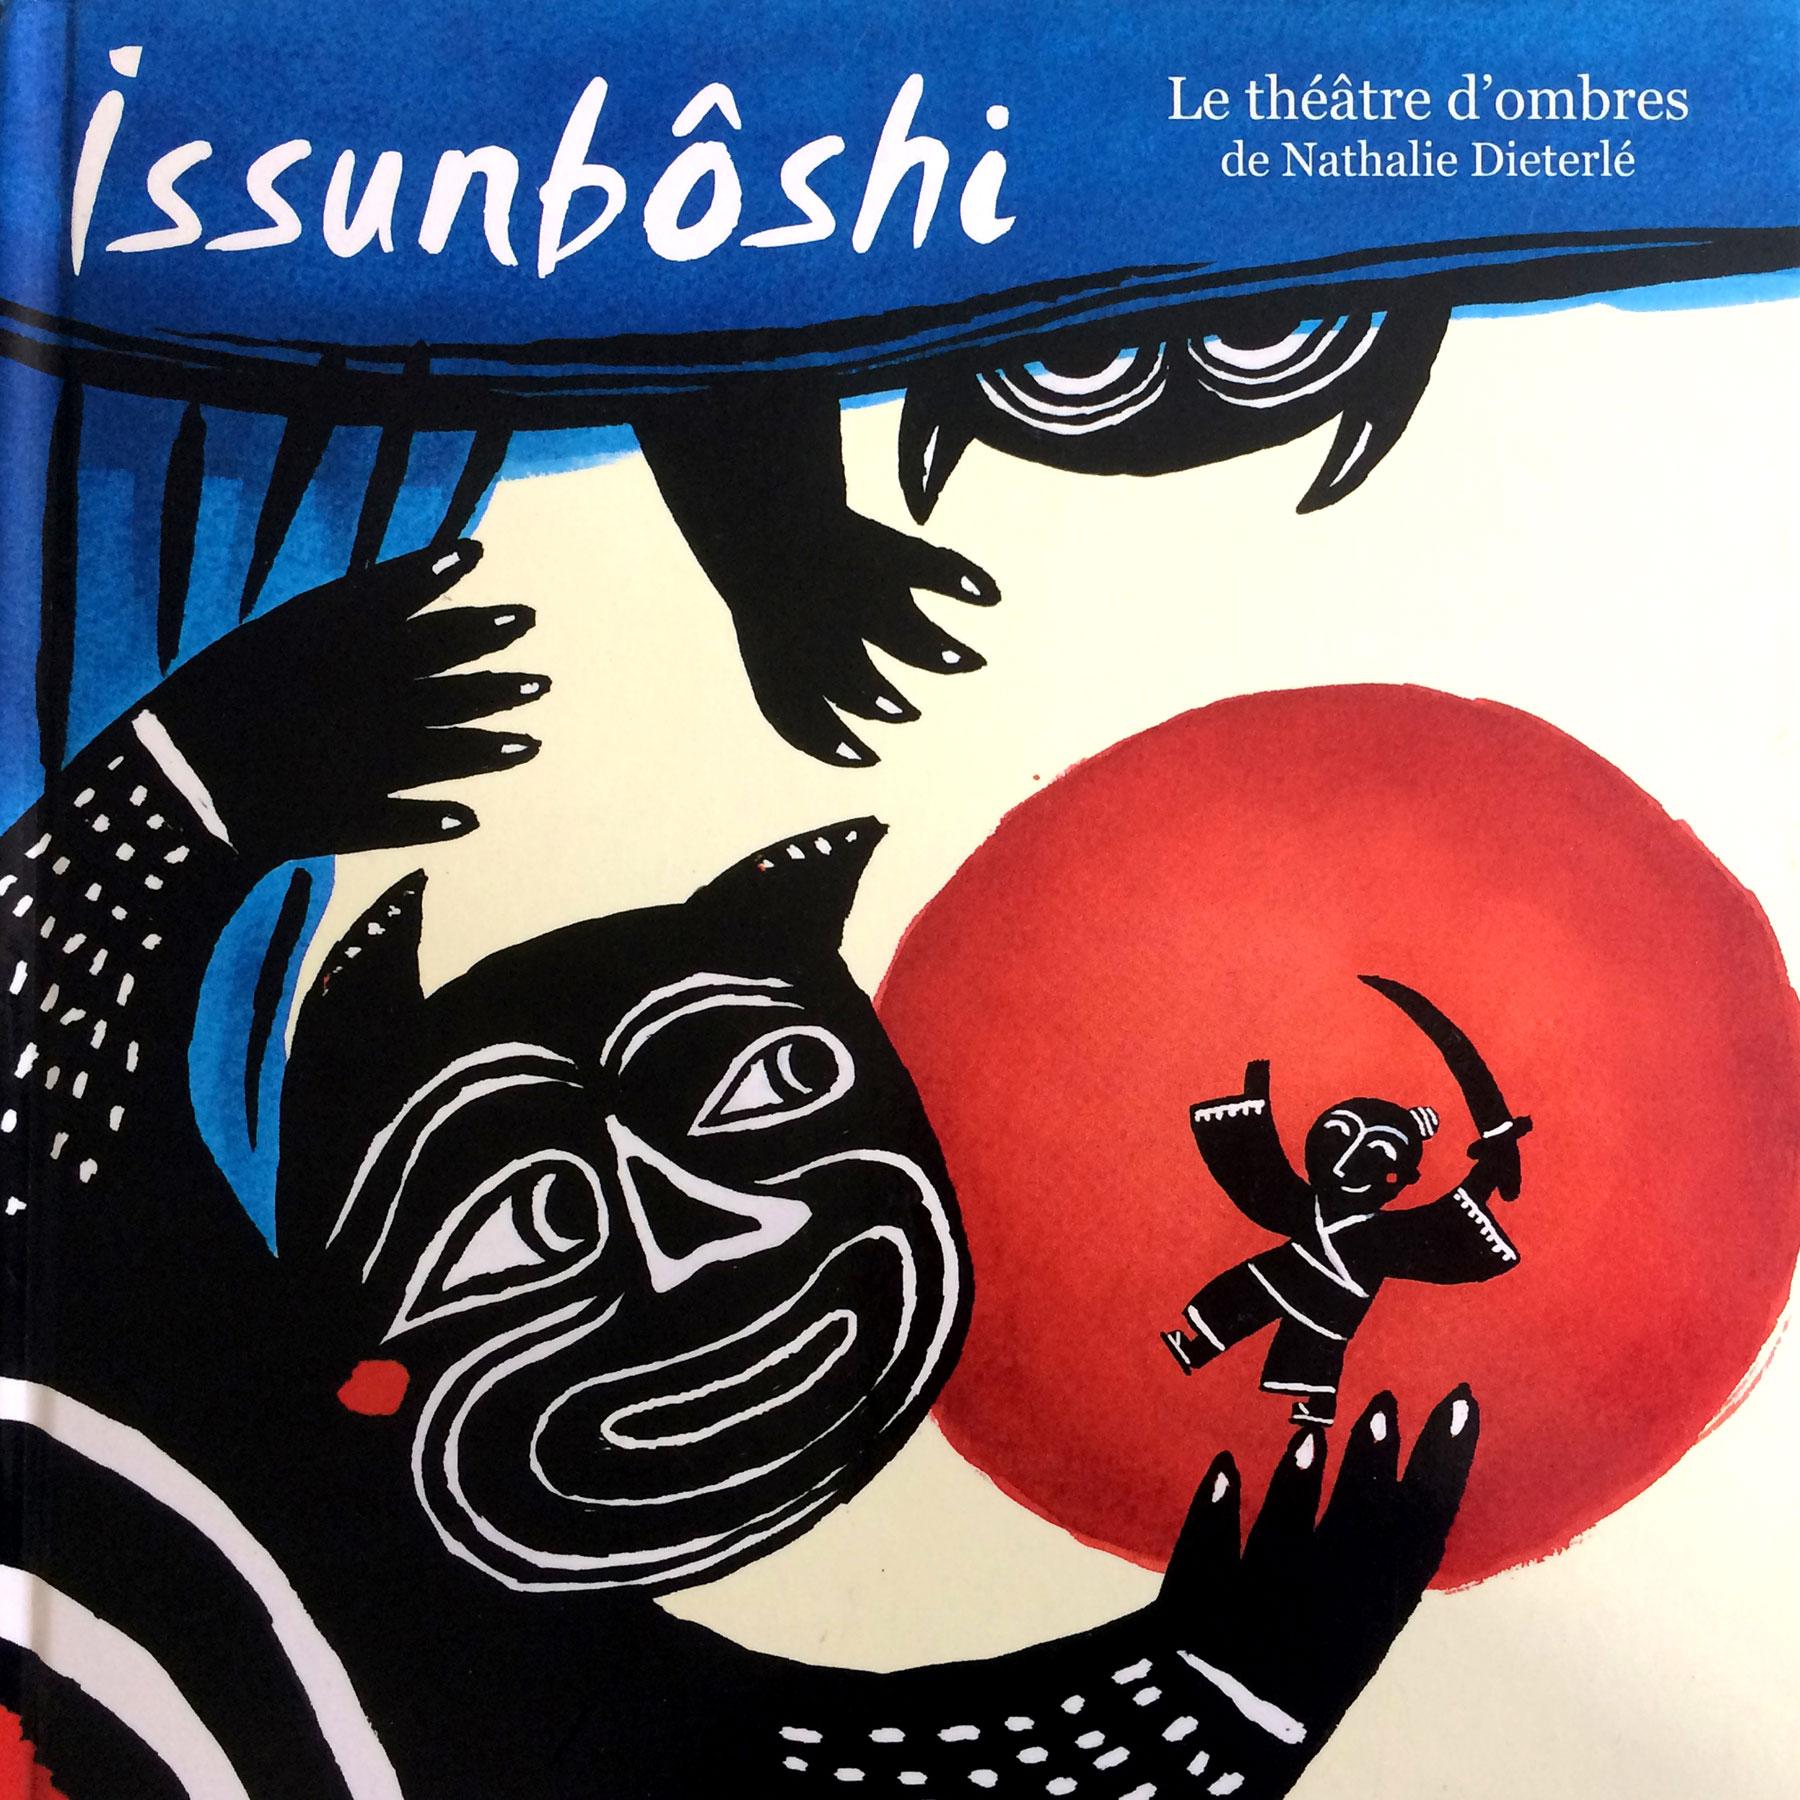 """Livre Théatre d'ombres """"Issunboshi"""" crée par Nathalie Dieterlé édité par les éditions Casterman"""